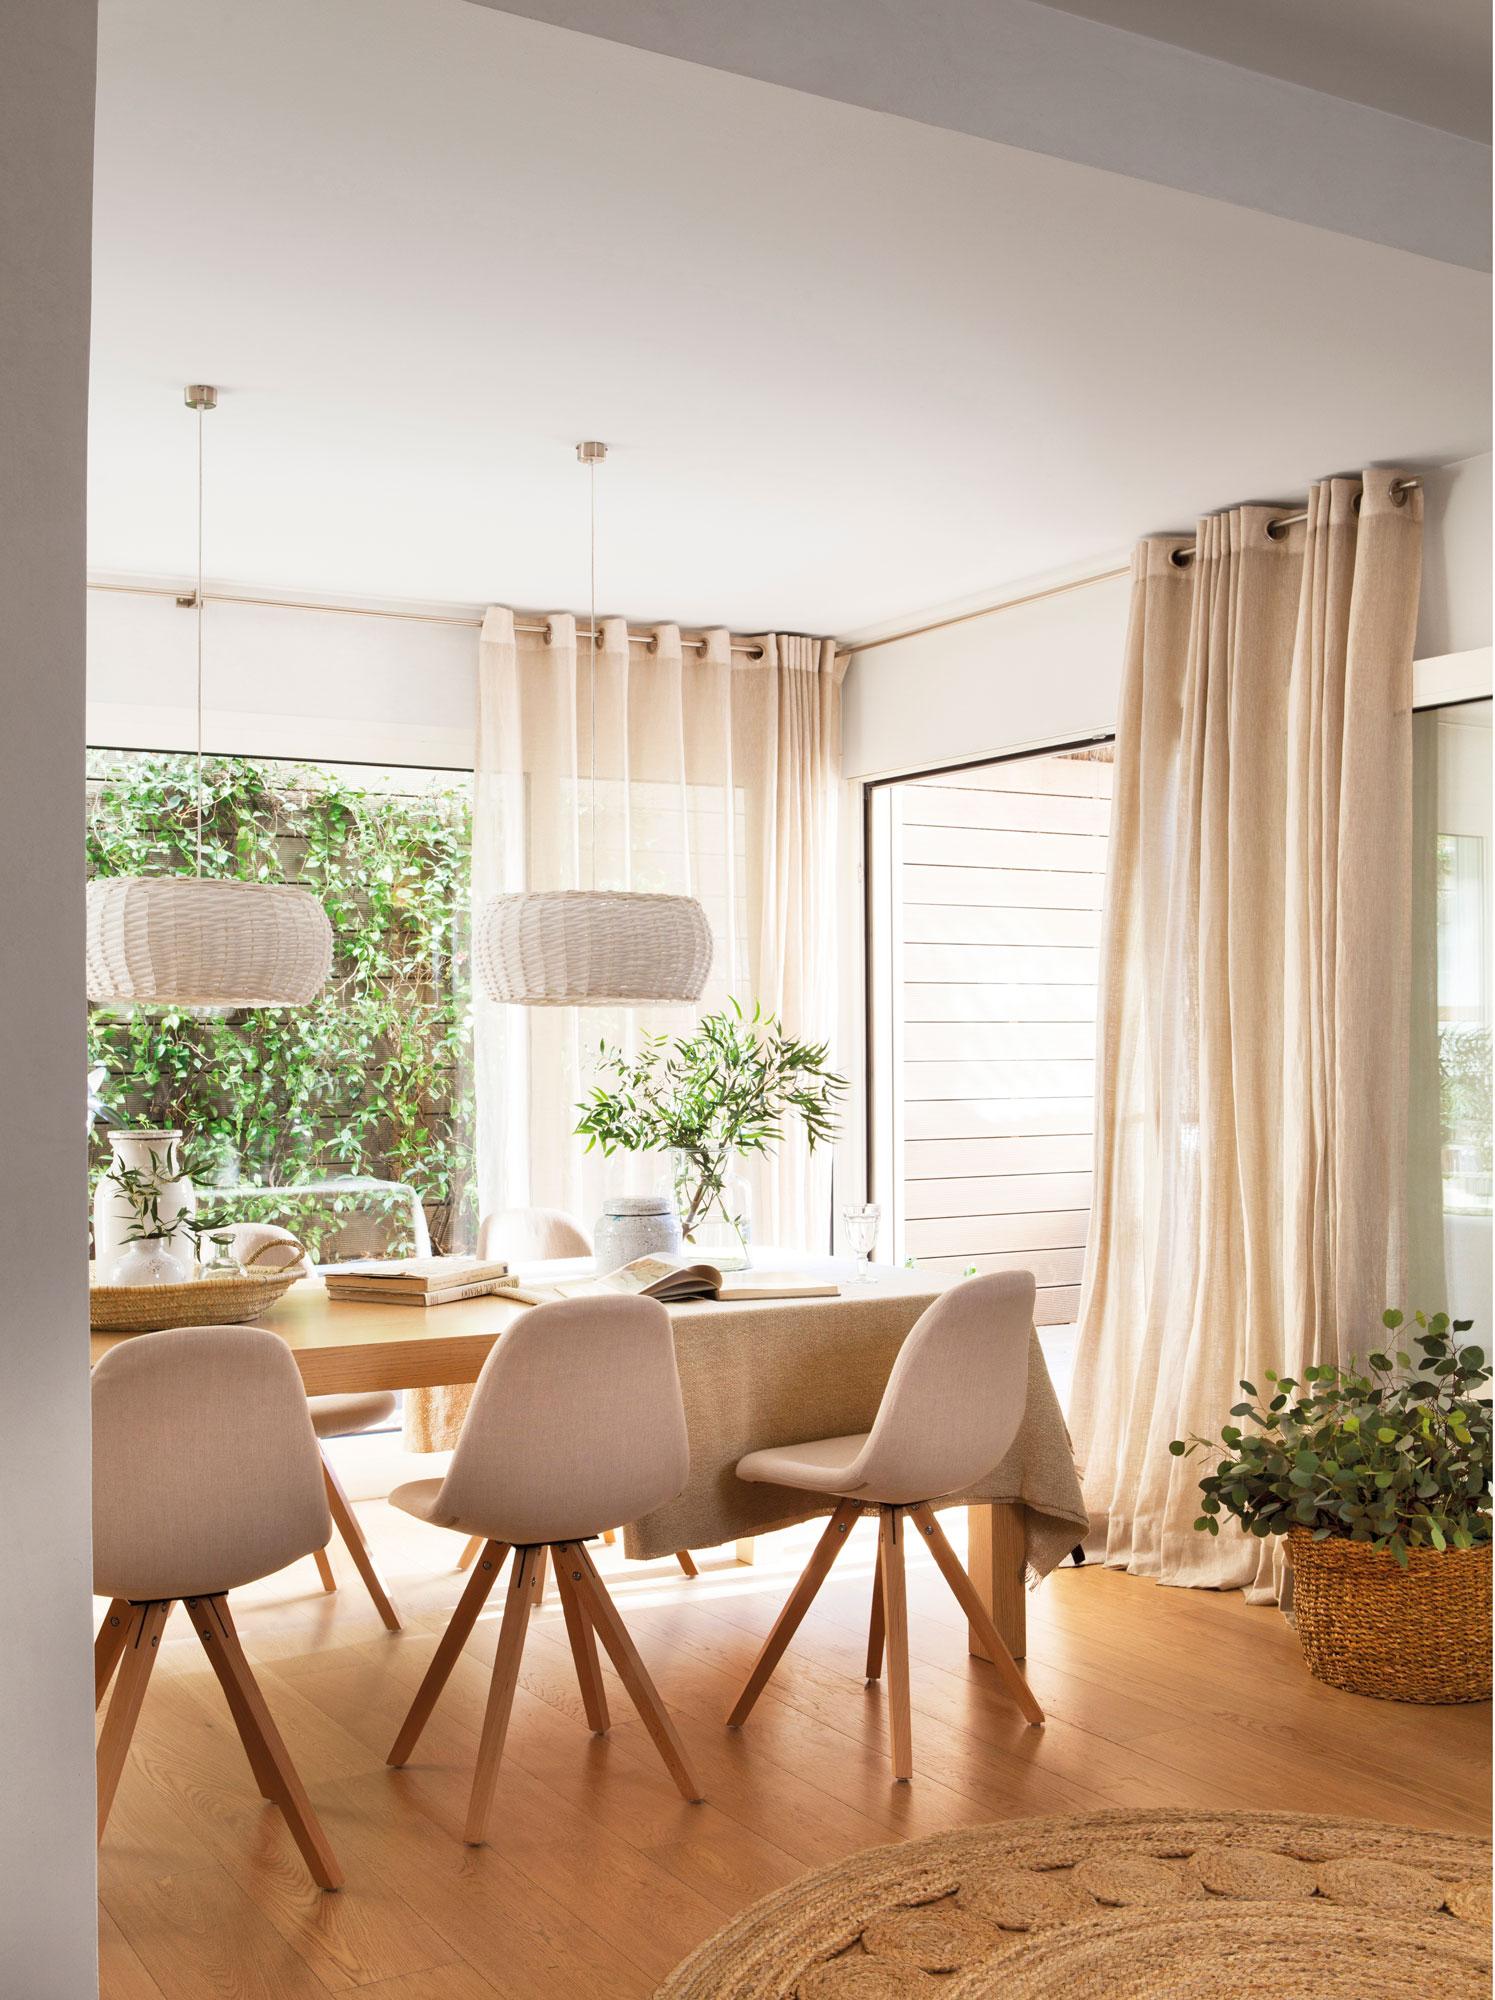 10 desastres que debes evitar cuando elijas las cortinas - Telas para visillos cortinas ...